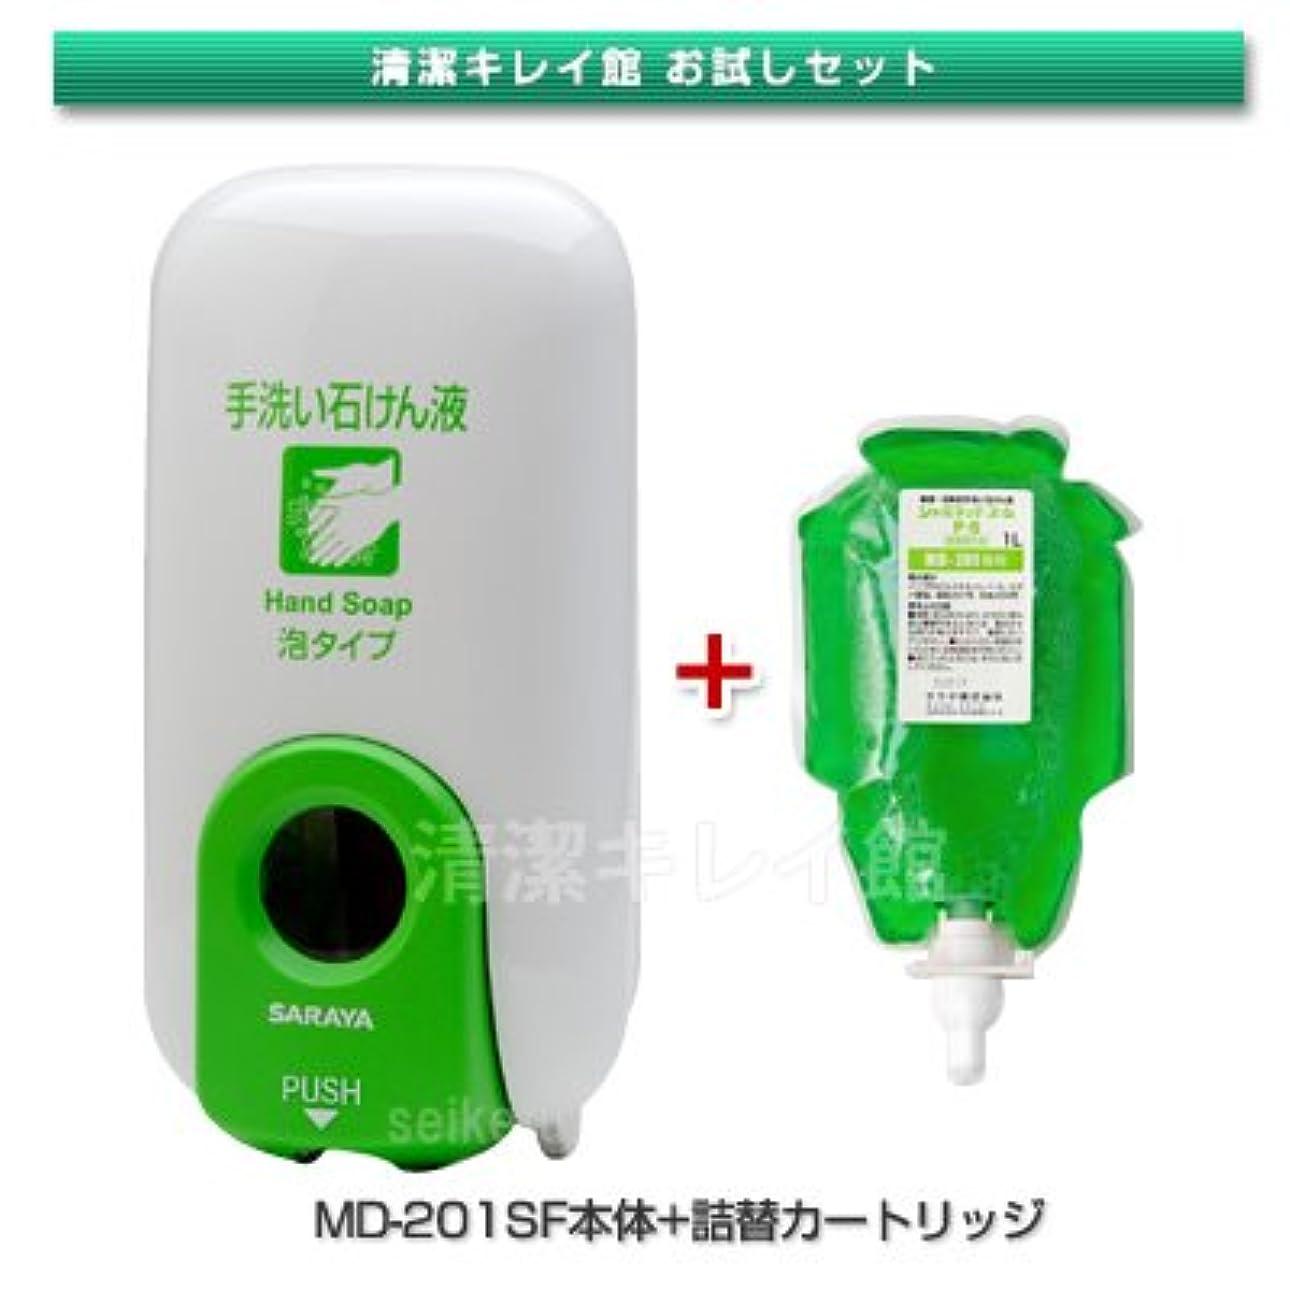 サラヤ プッシュ式石鹸液 MD-201SF(泡)【清潔キレイ館お試しセット】(本体とカートリッジ/ユムP-5)